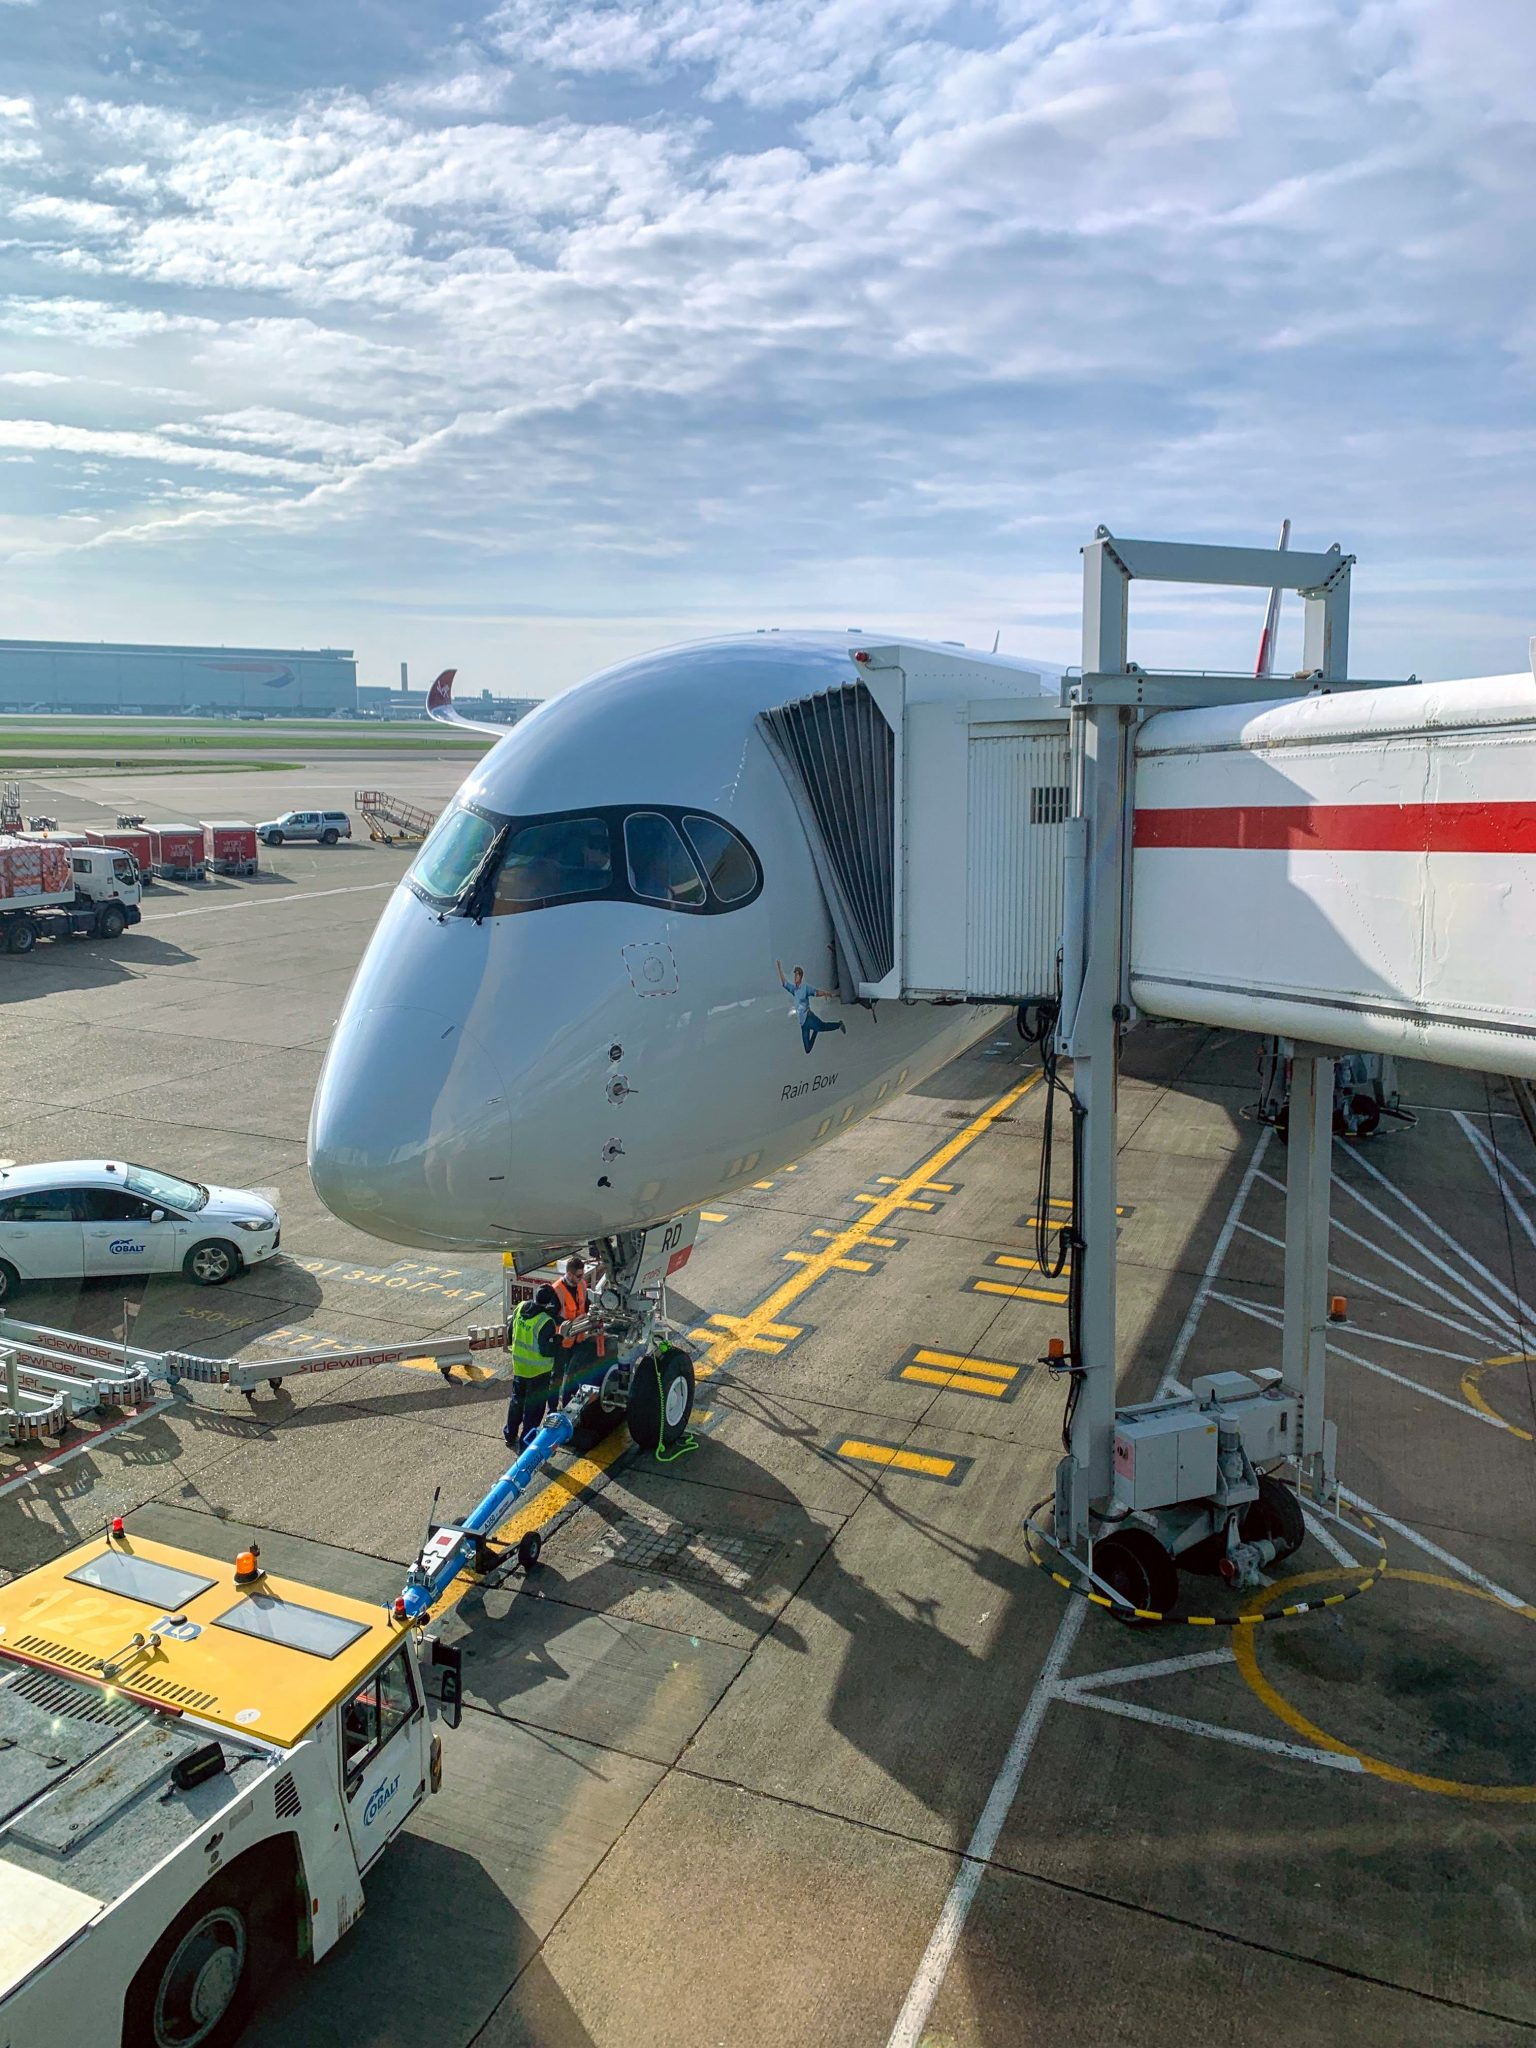 Virgin A350 heathrow